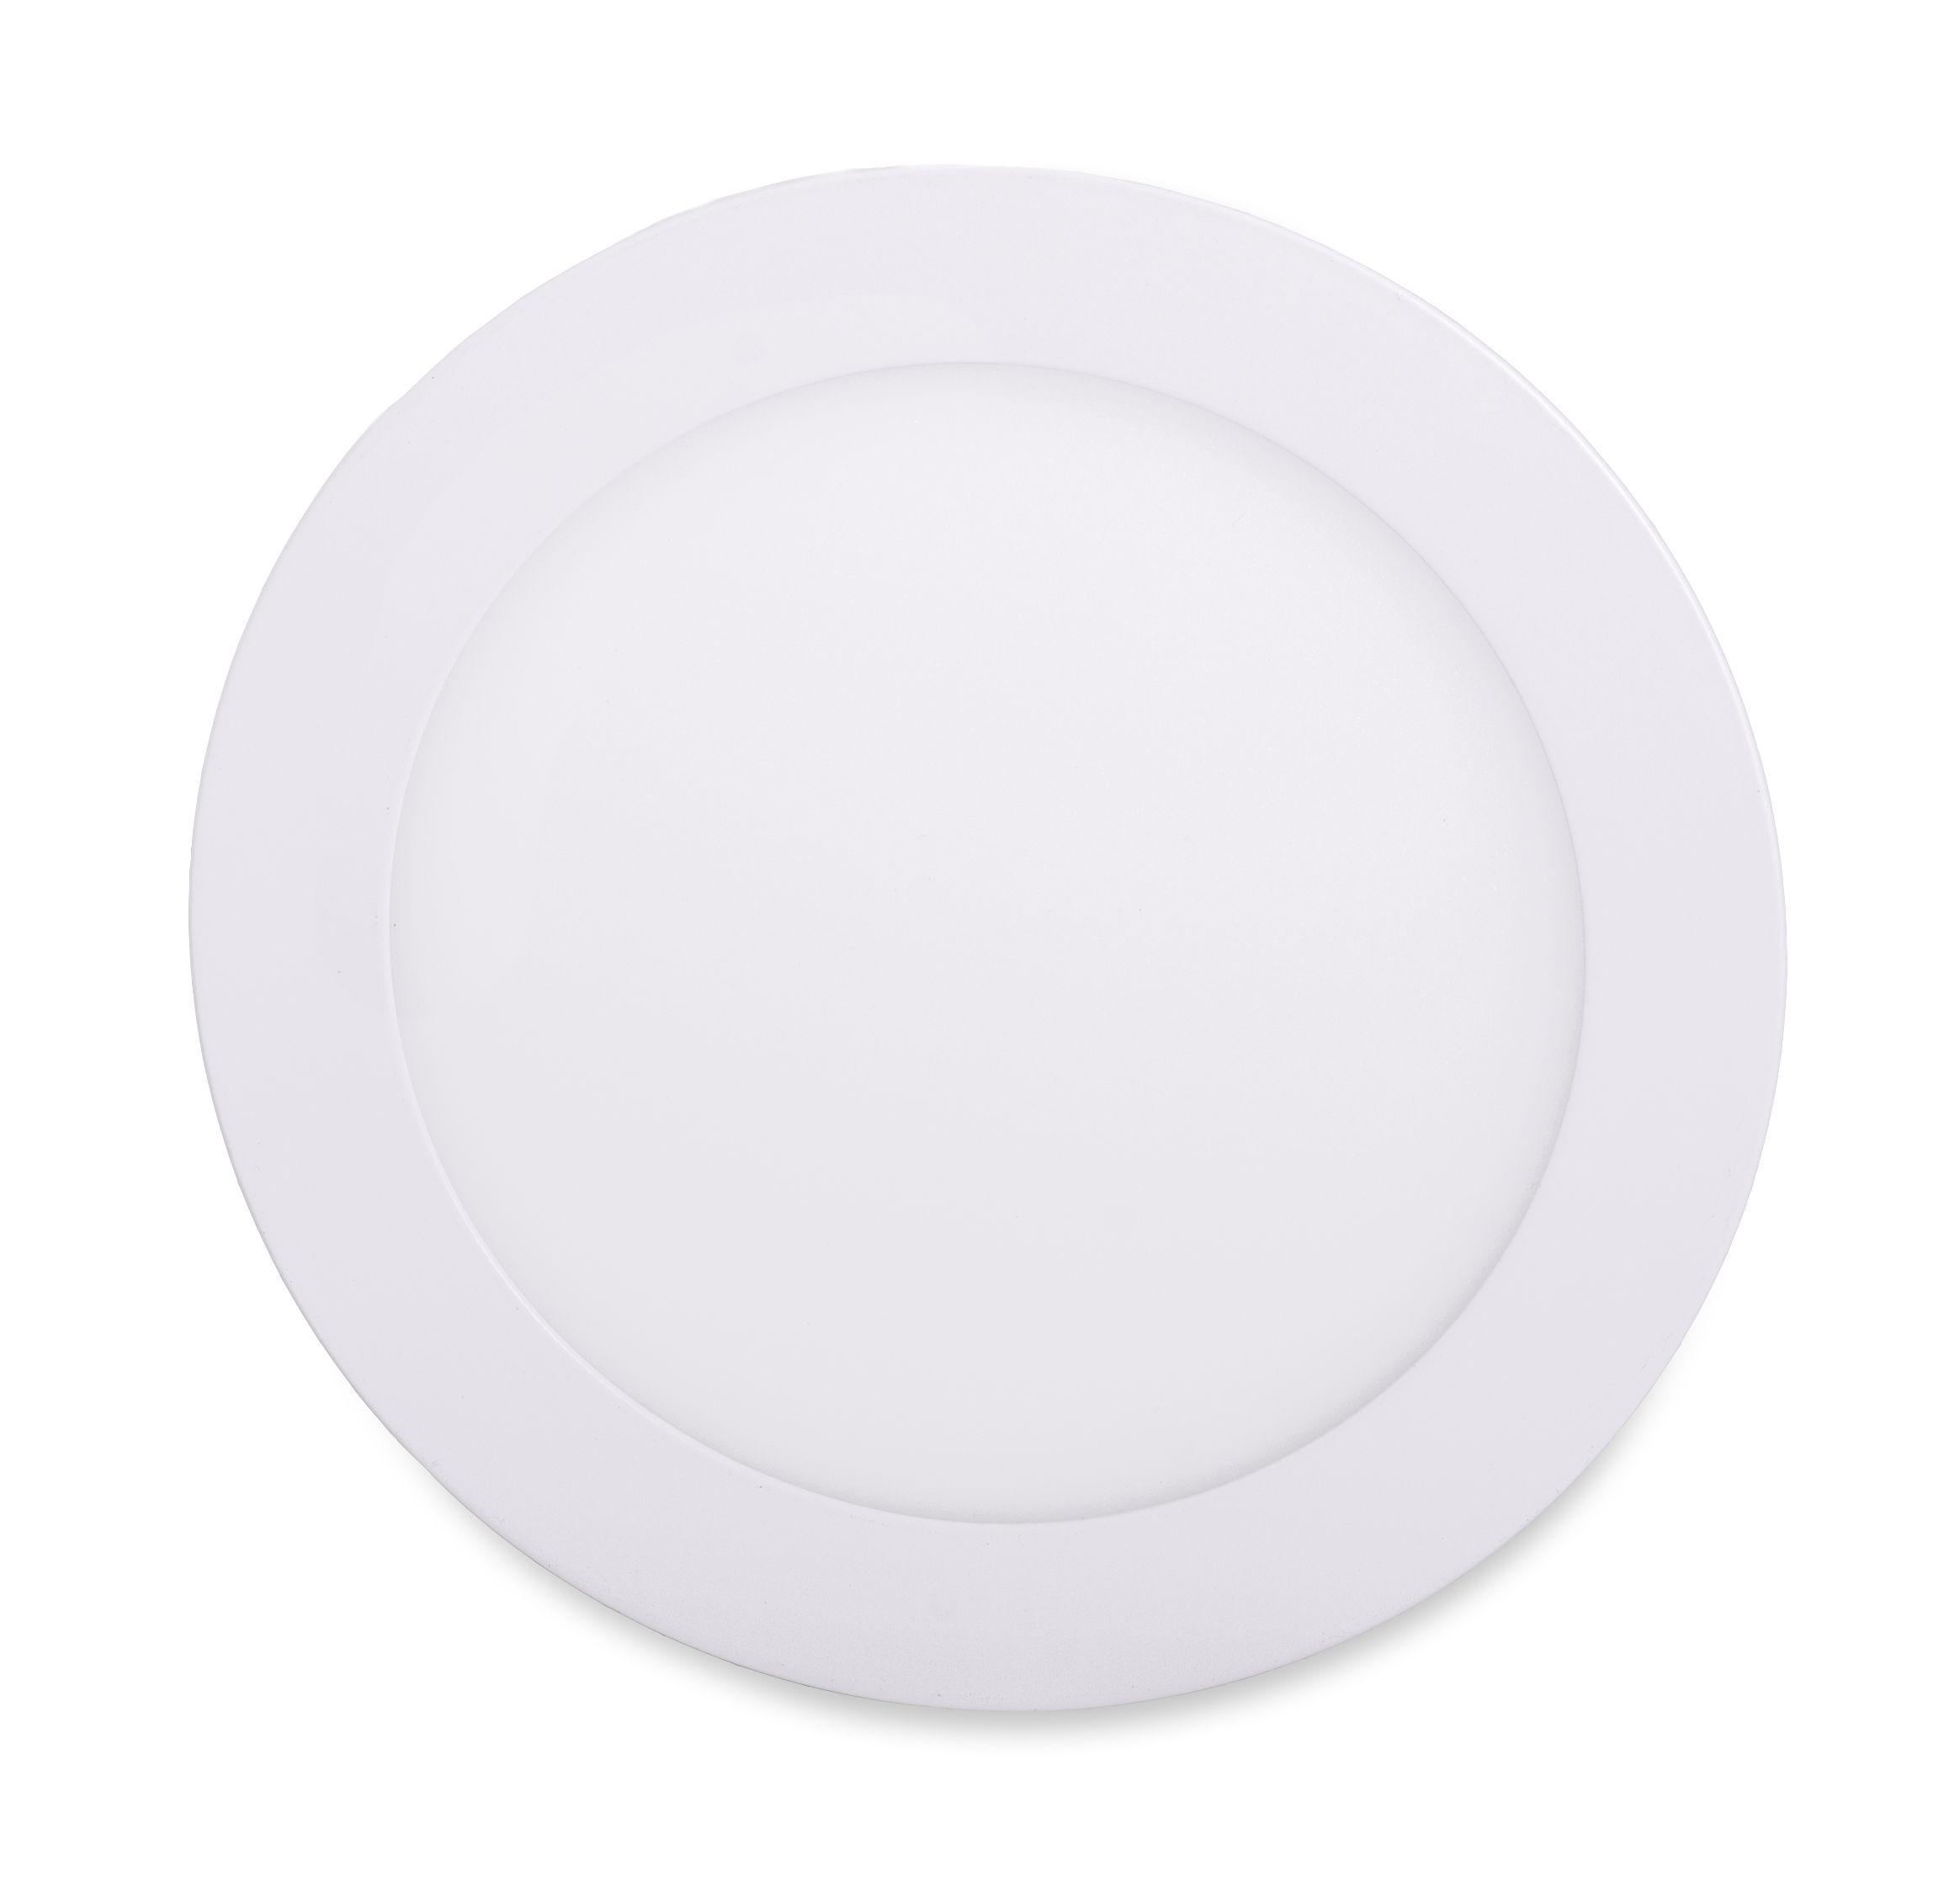 T-LED Biely vstavaný LED panel guľatý 171mm 12W stmievateľný Farba svetla: Teplá biela